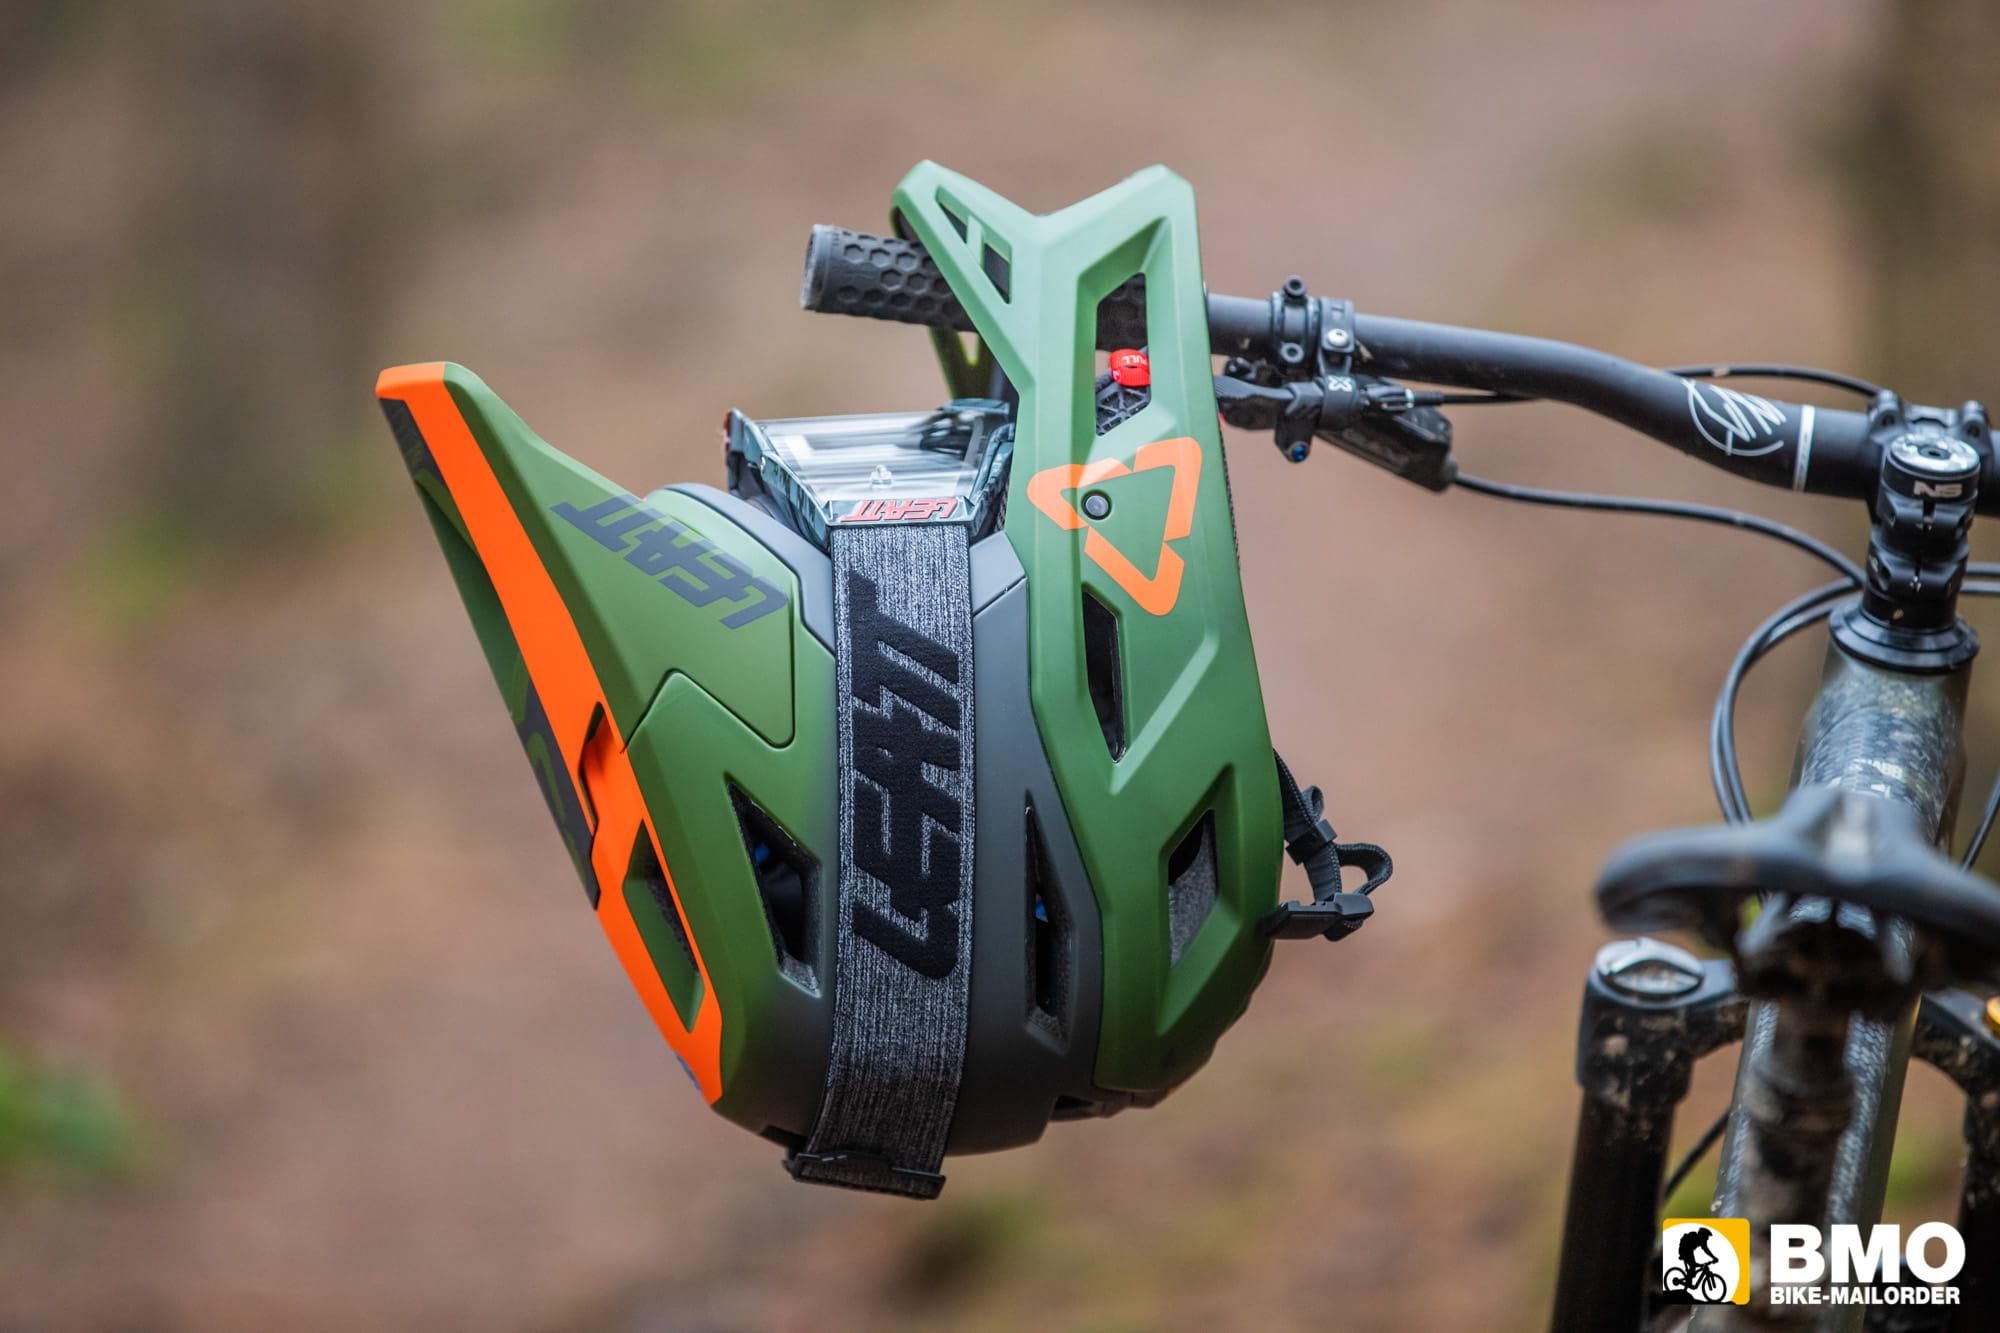 Leatt-Bike-Mailorder